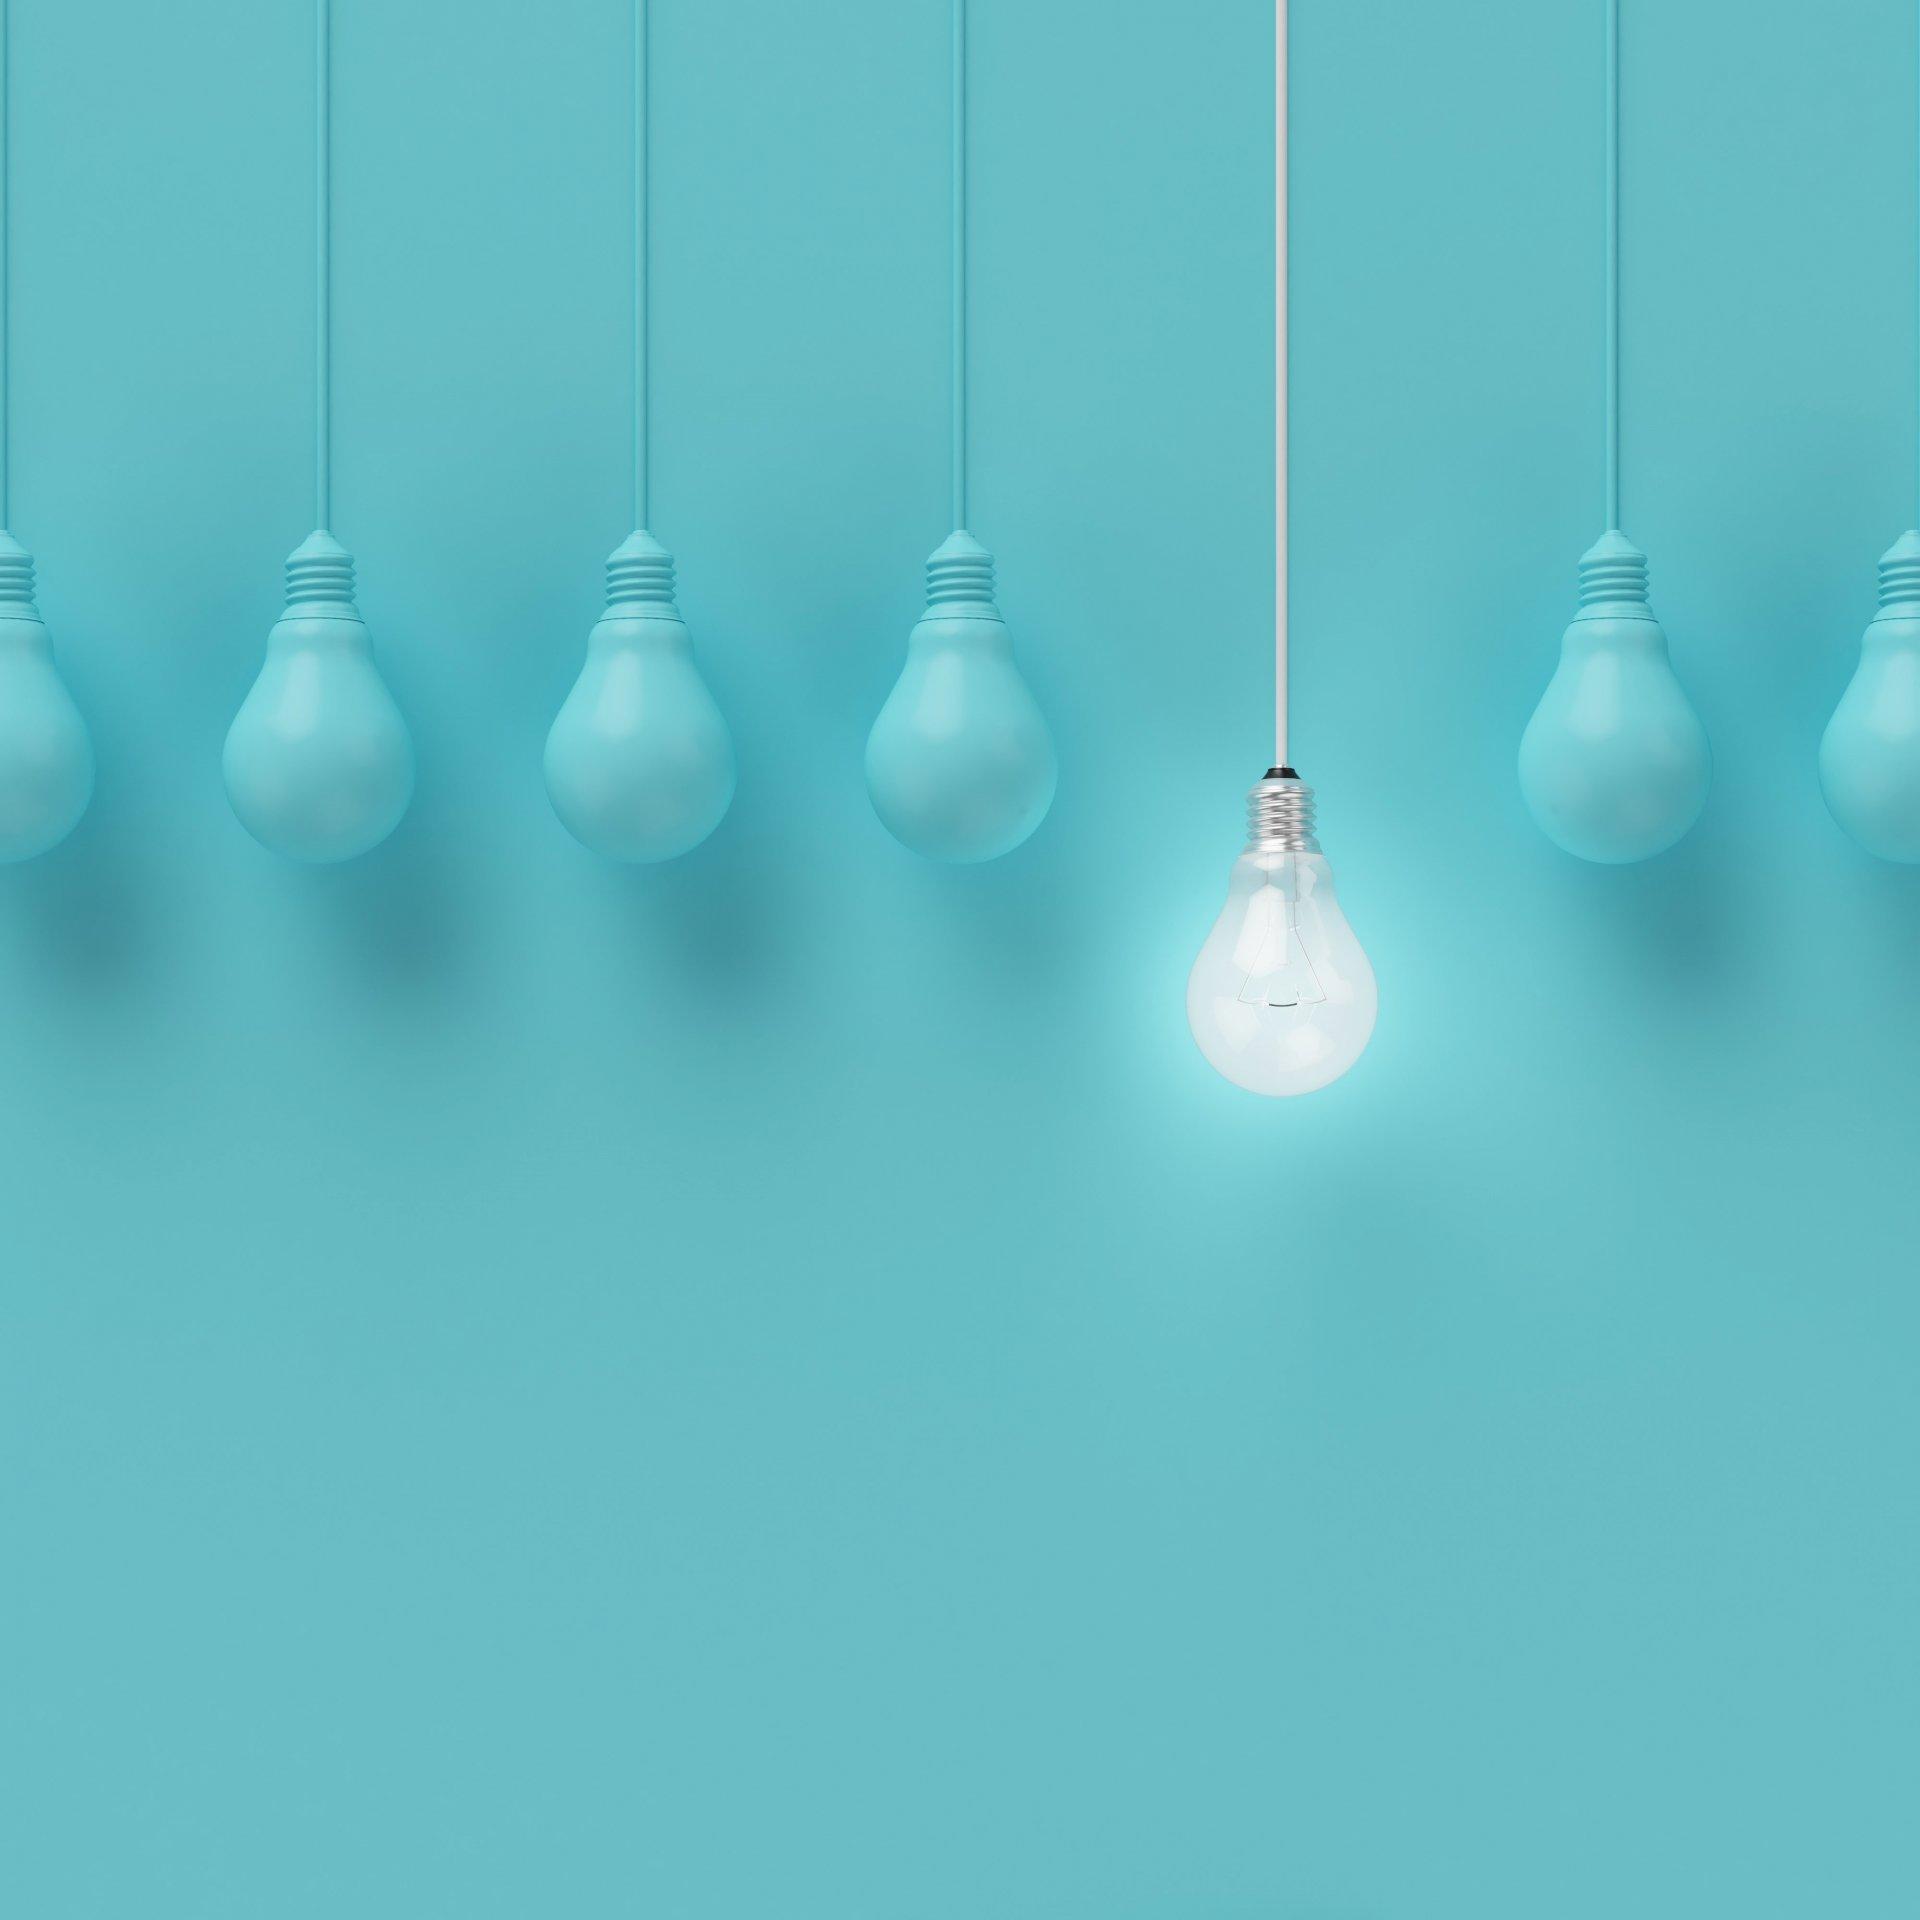 Toepassingen van LED-verlichting